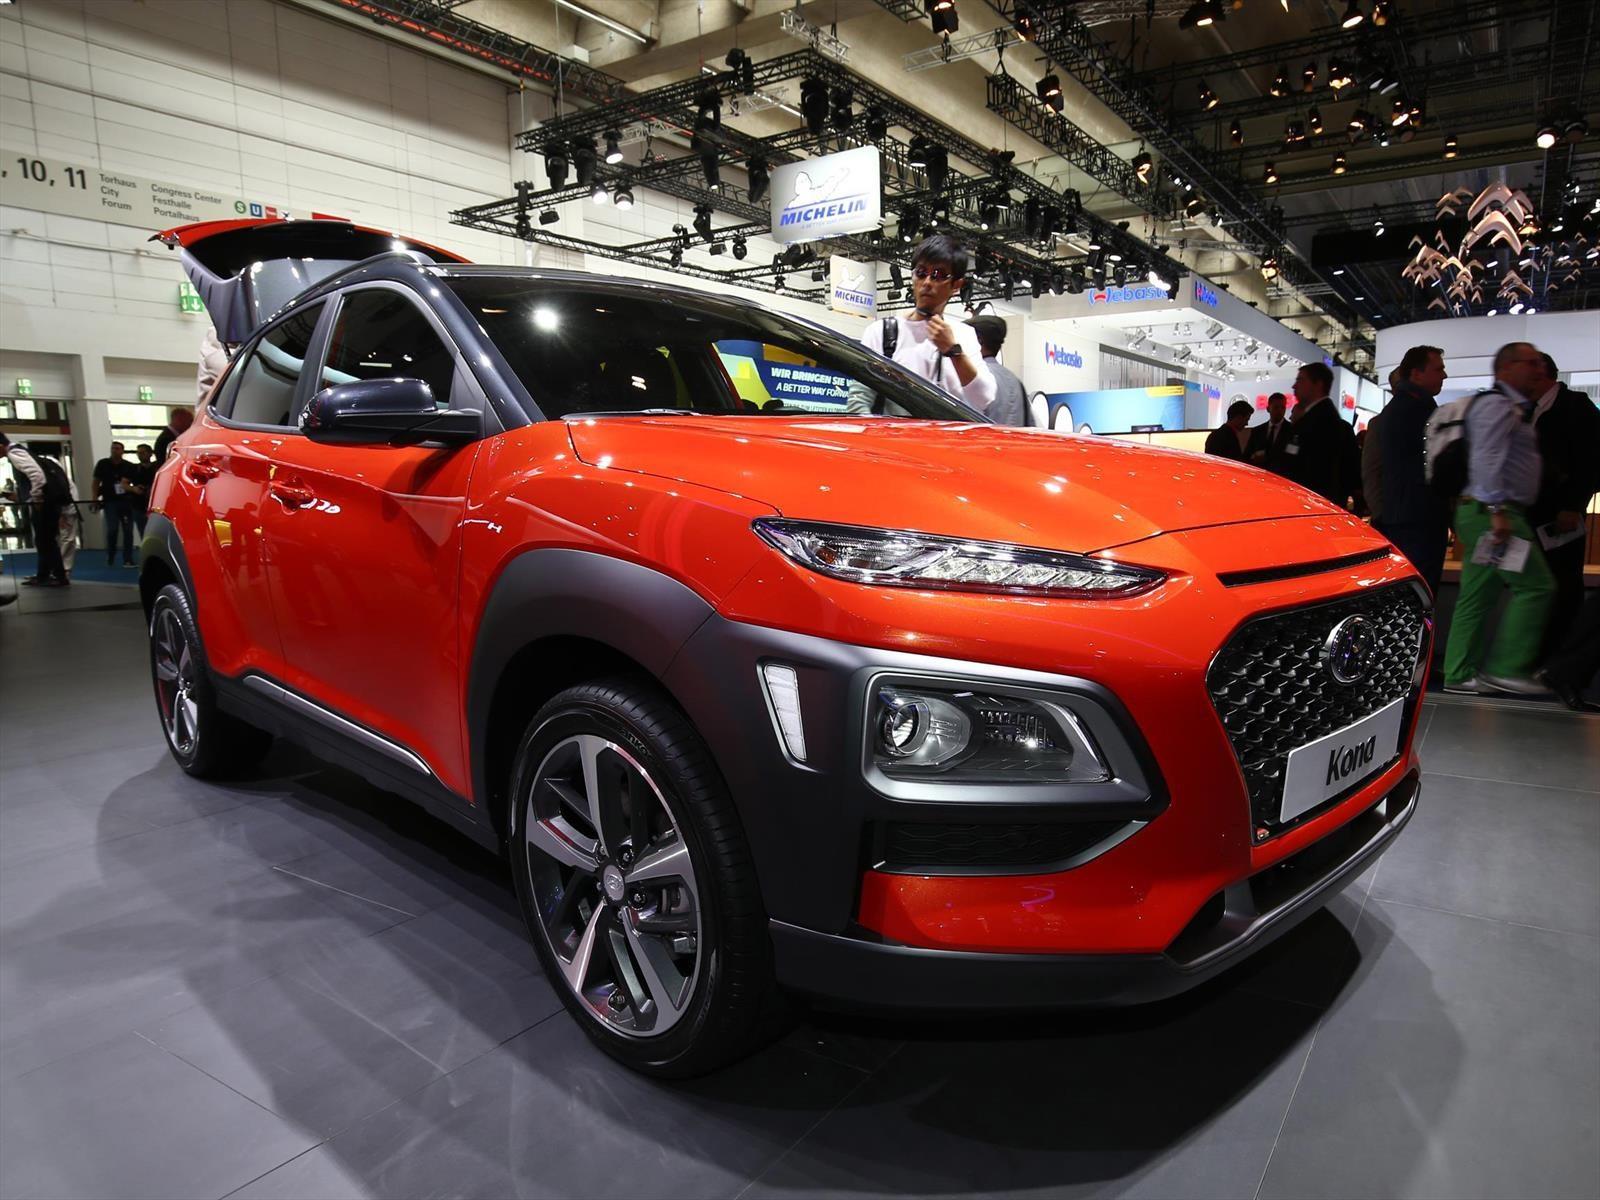 Hyundai Kona 2018 impone su estilo en Frankfurt